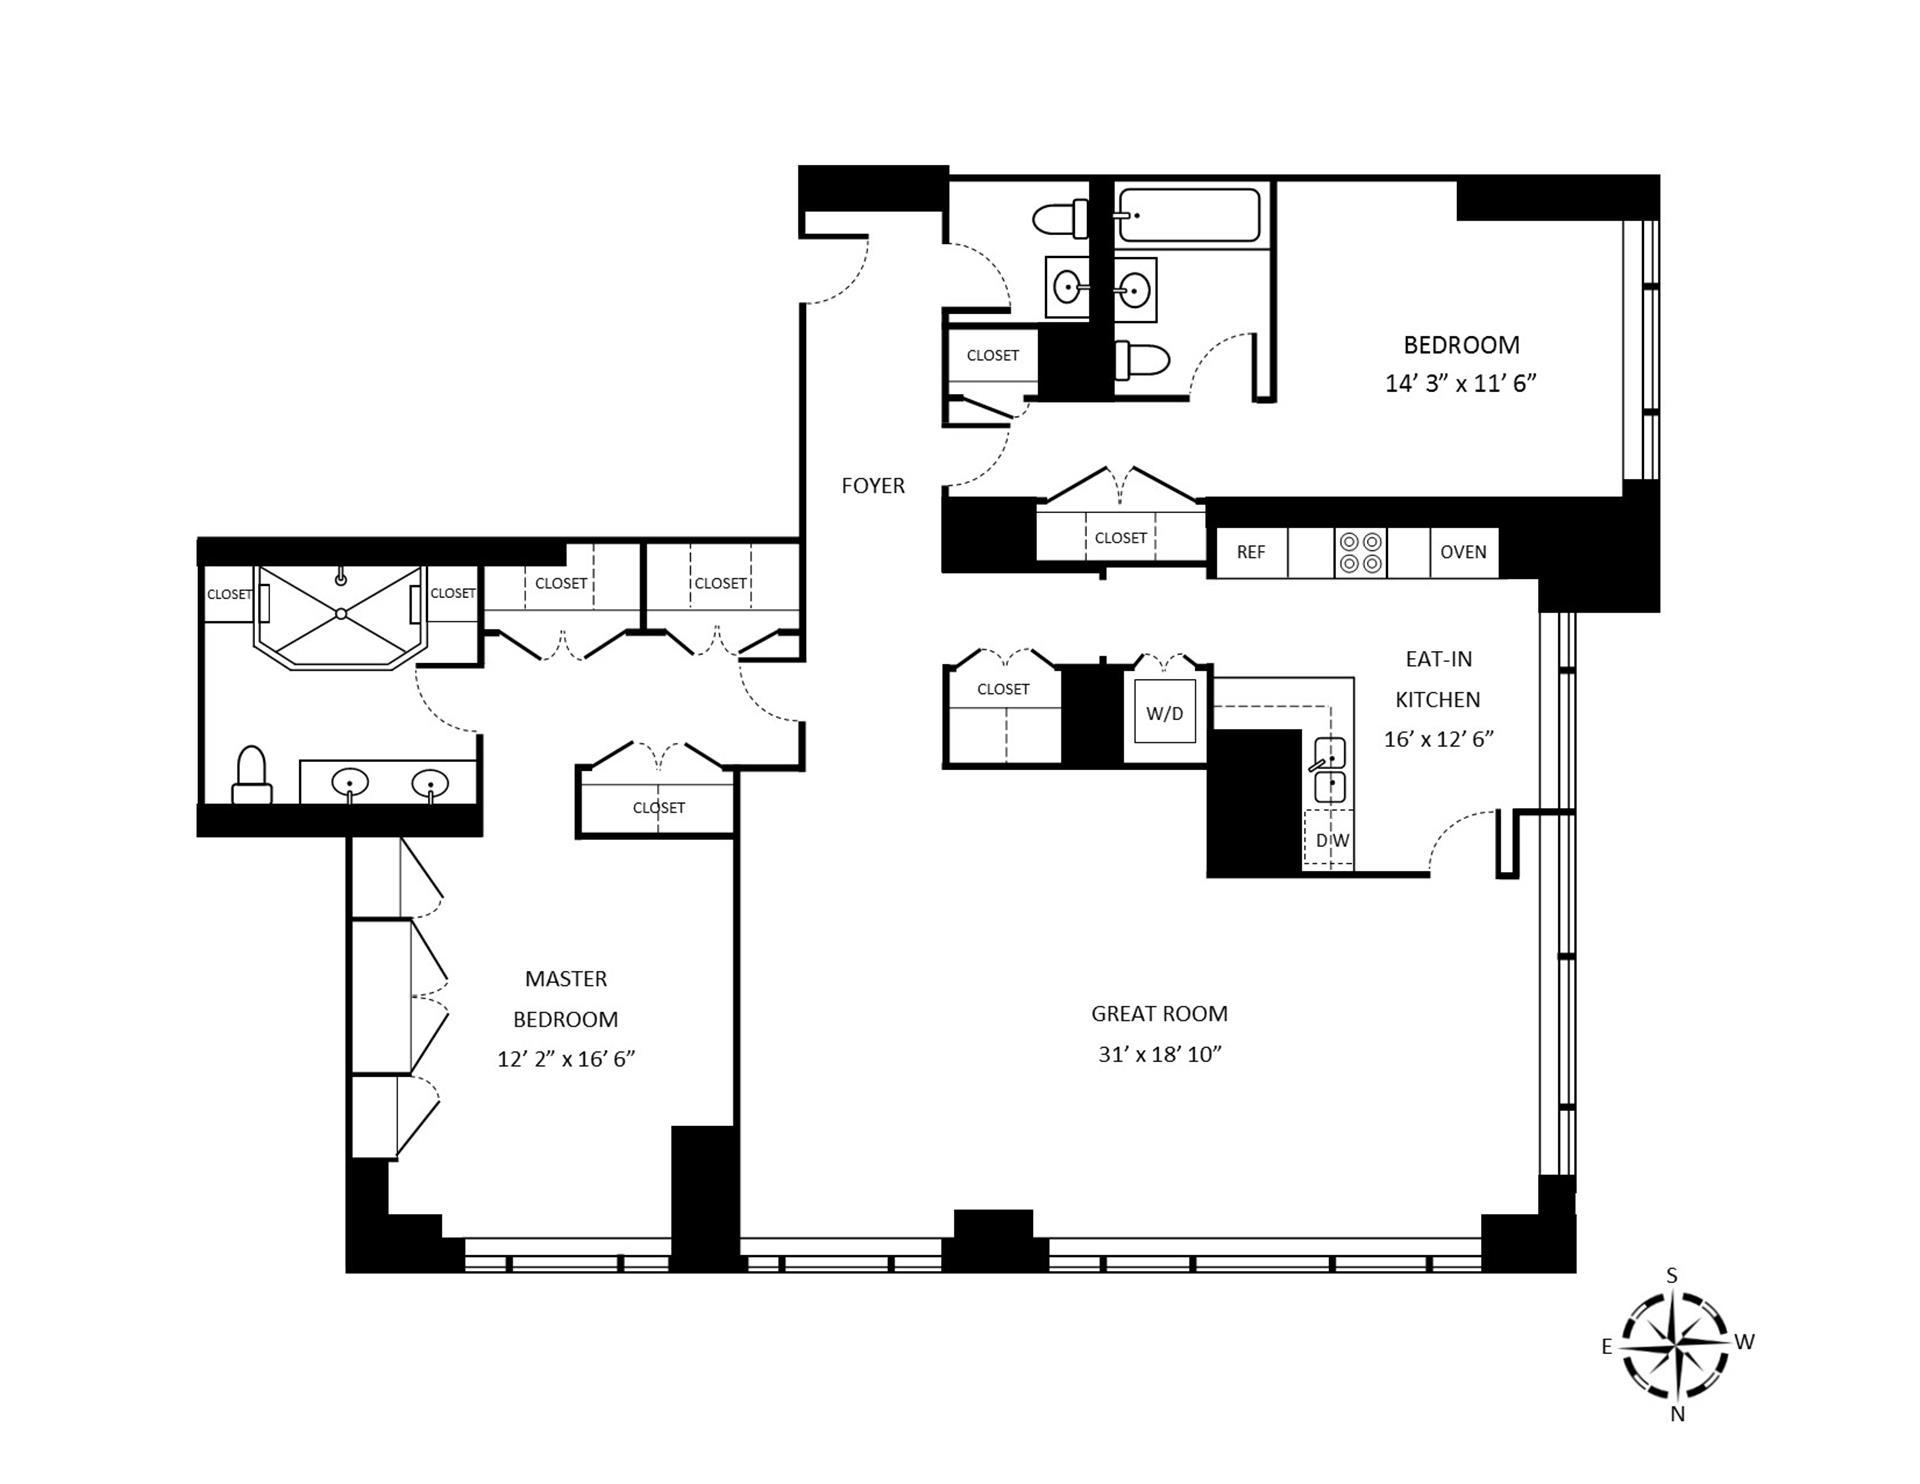 Floor plan of 1 Central Park West, 33G - Upper West Side, New York